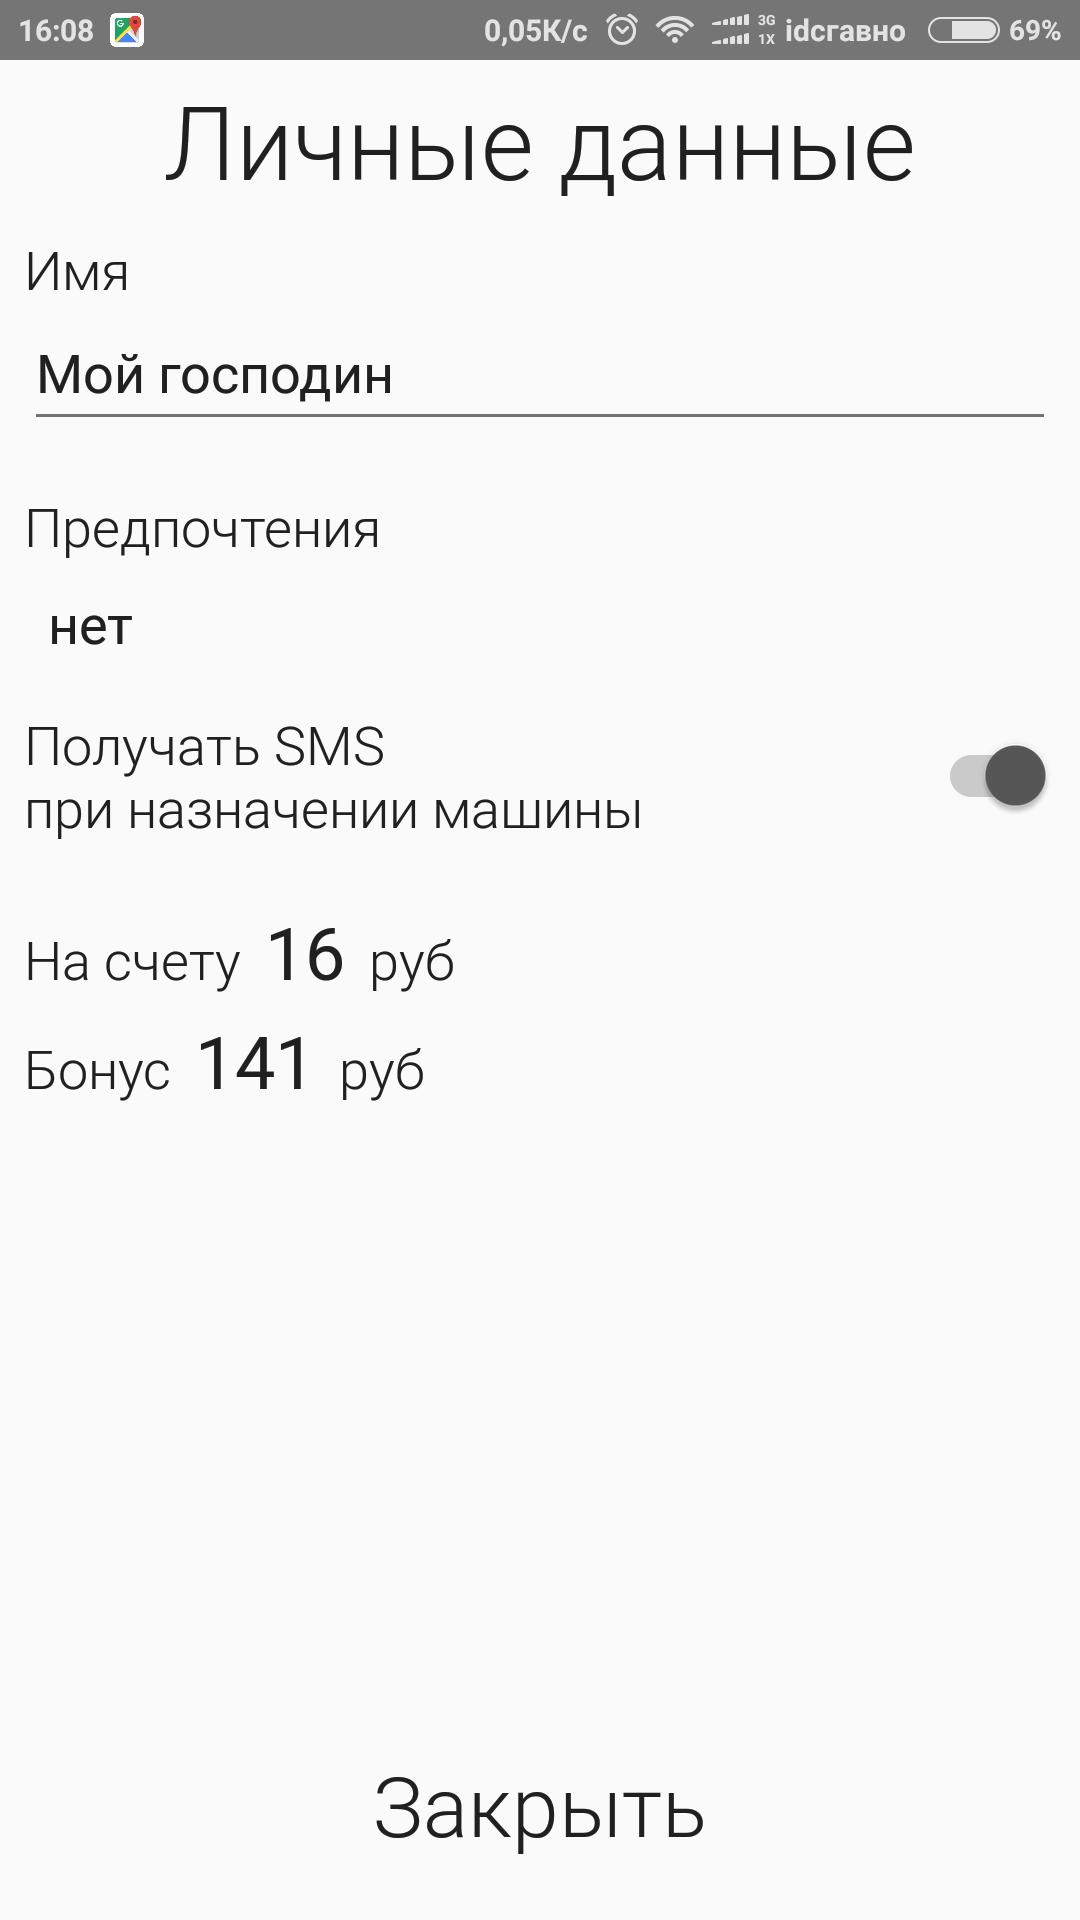 Screenshot_2018-01-27-16-08-21-316_com.client1517.activity.png